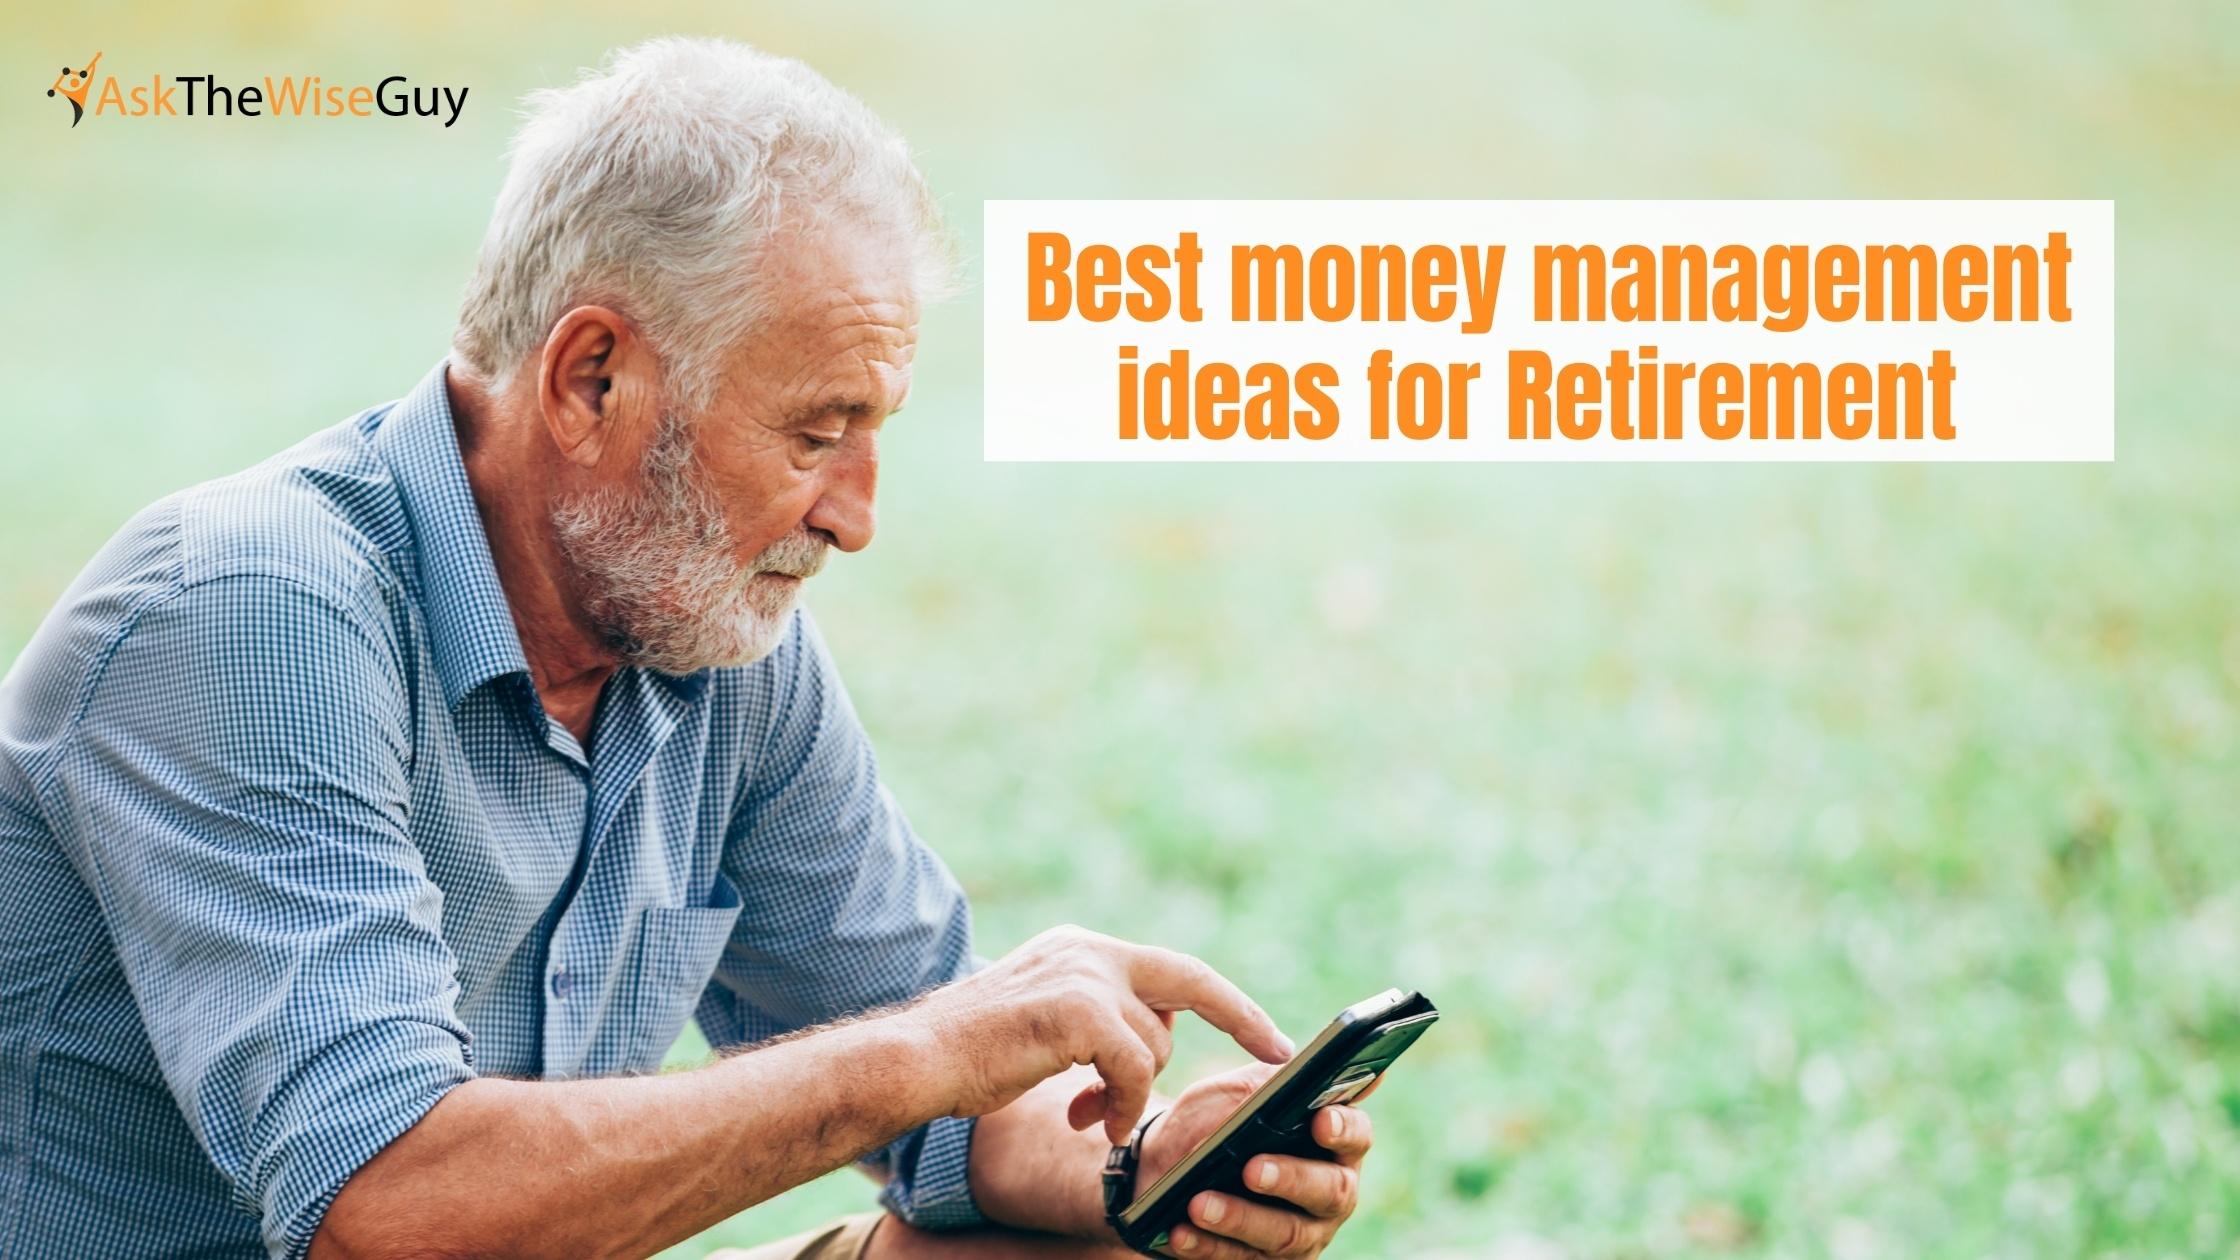 Best money management ideas for Retirement